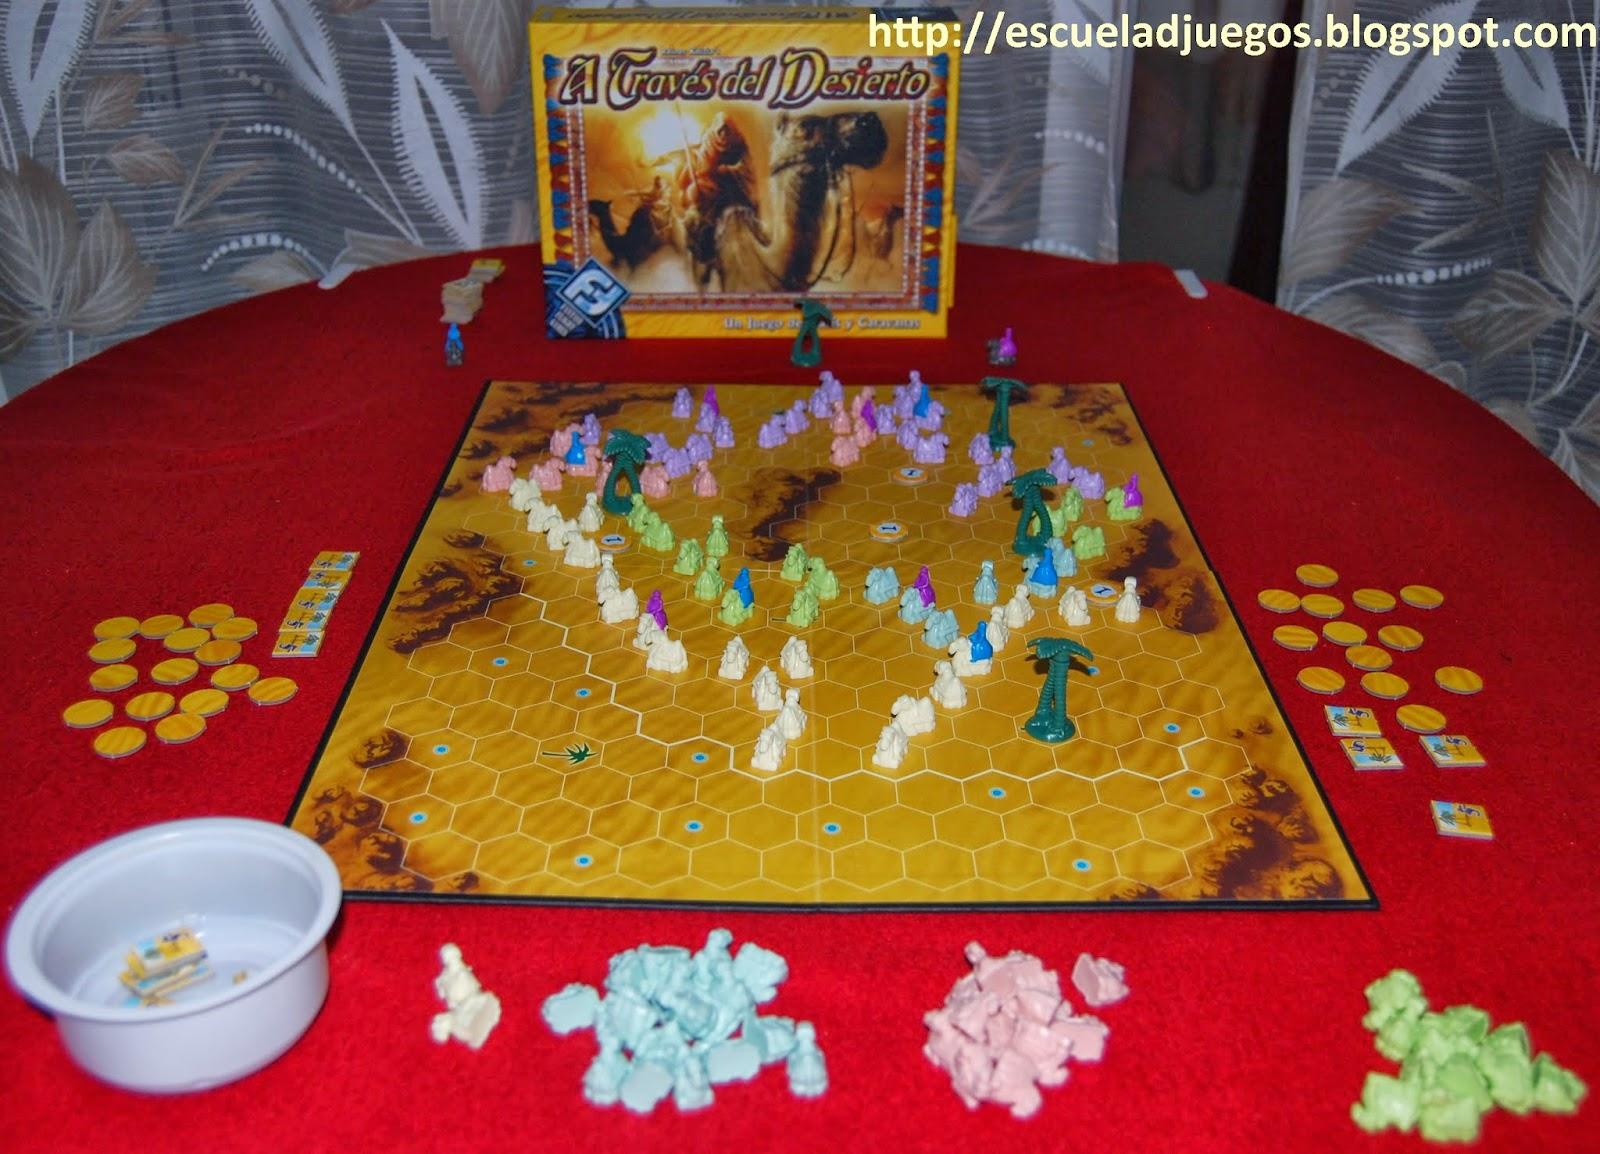 Reseña de A través del desierto o Through the desert, juego abstracto de Reiner Knizia por Escuela de Juegos